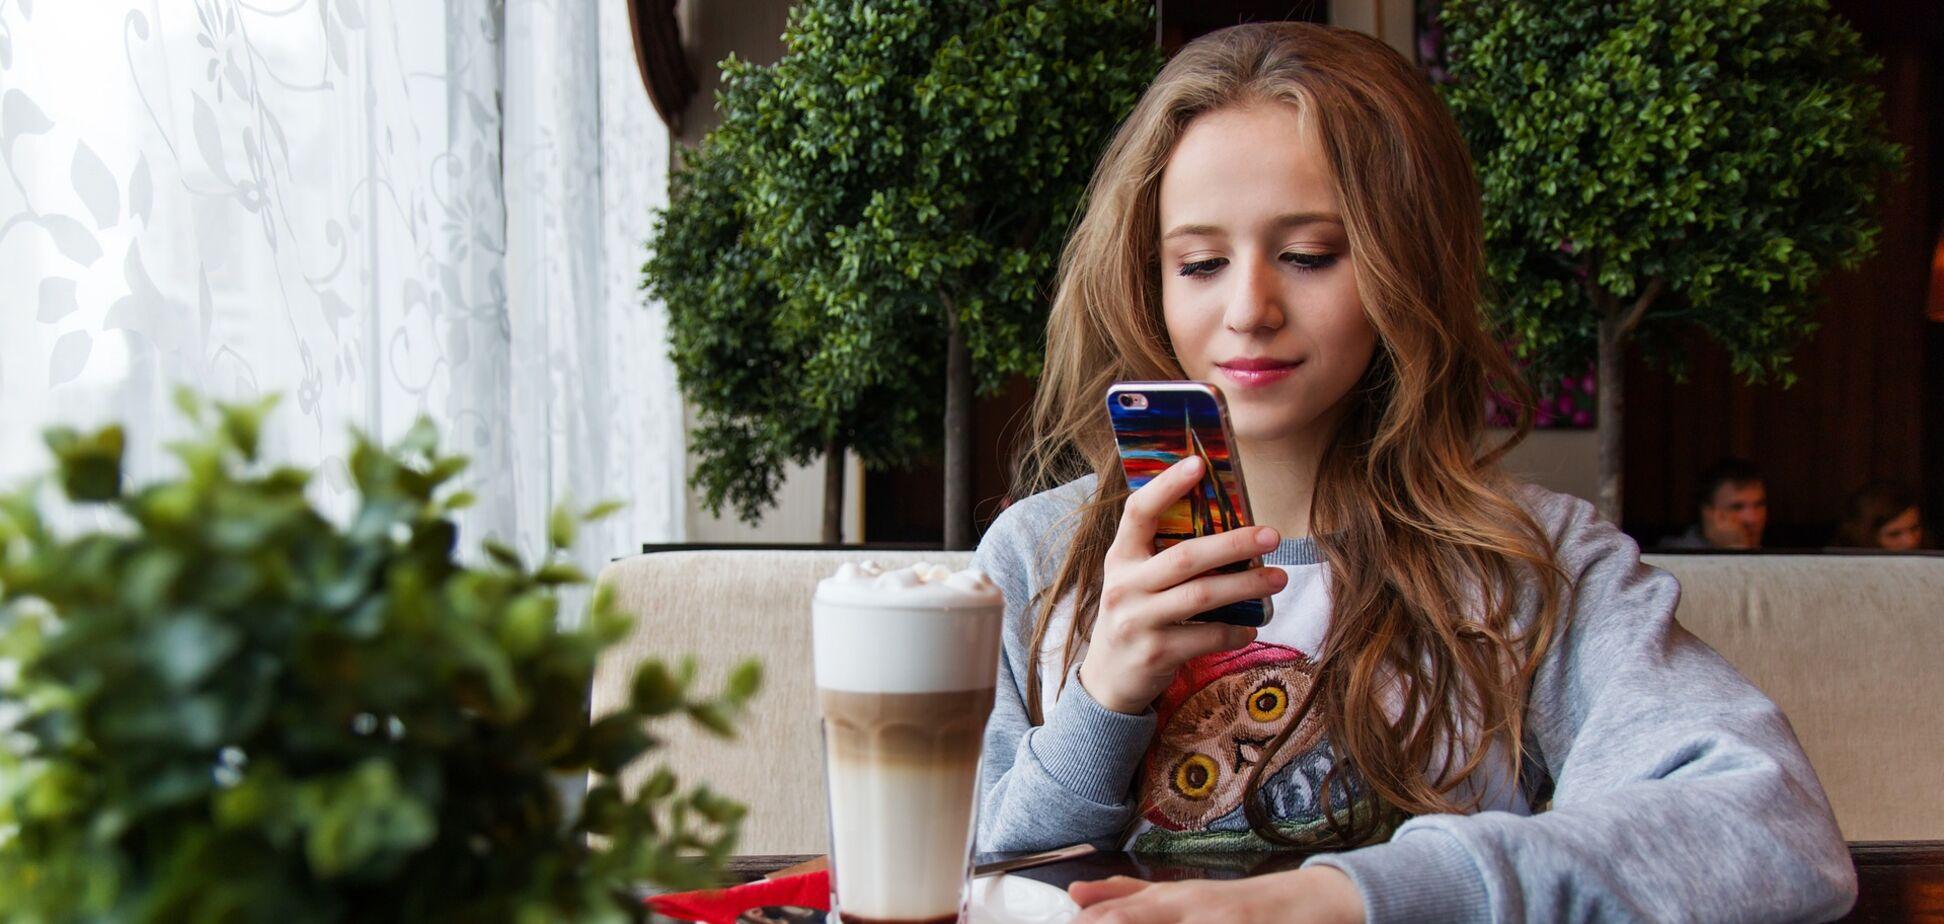 Телефон можуть прослуховувати як правоохоронні органи, так і приватні особи